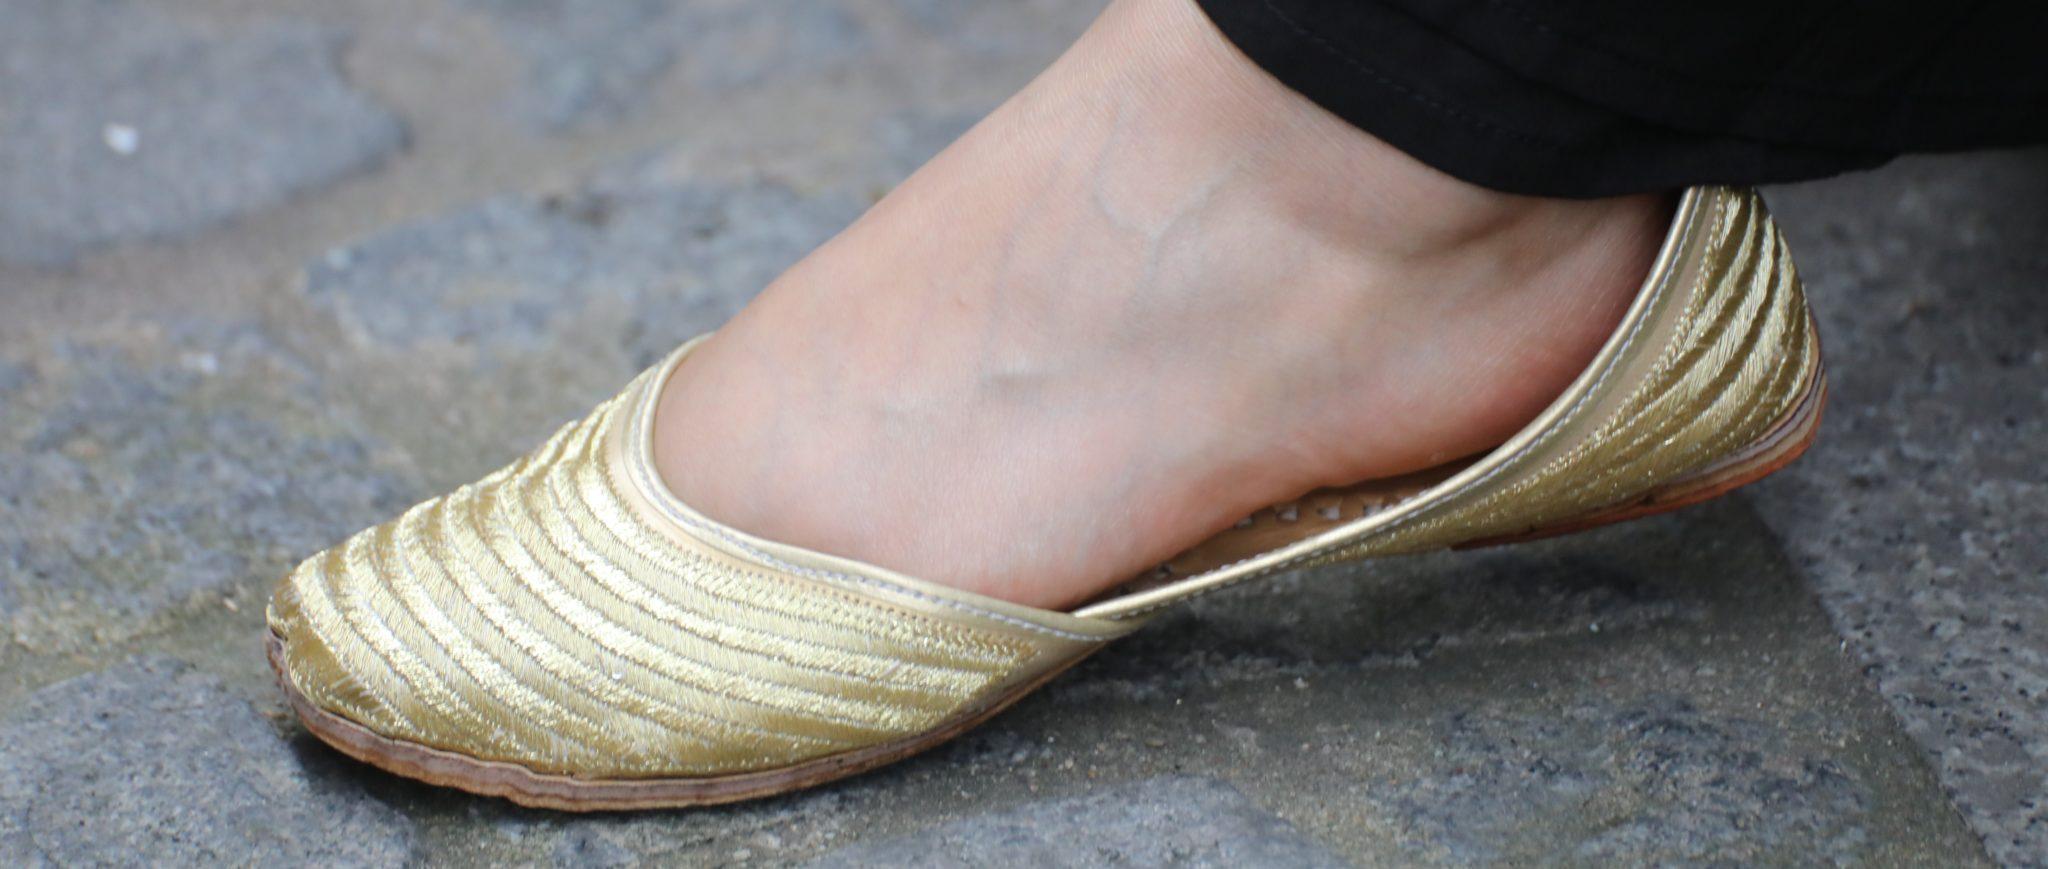 Jutti  Chaussure  Achat